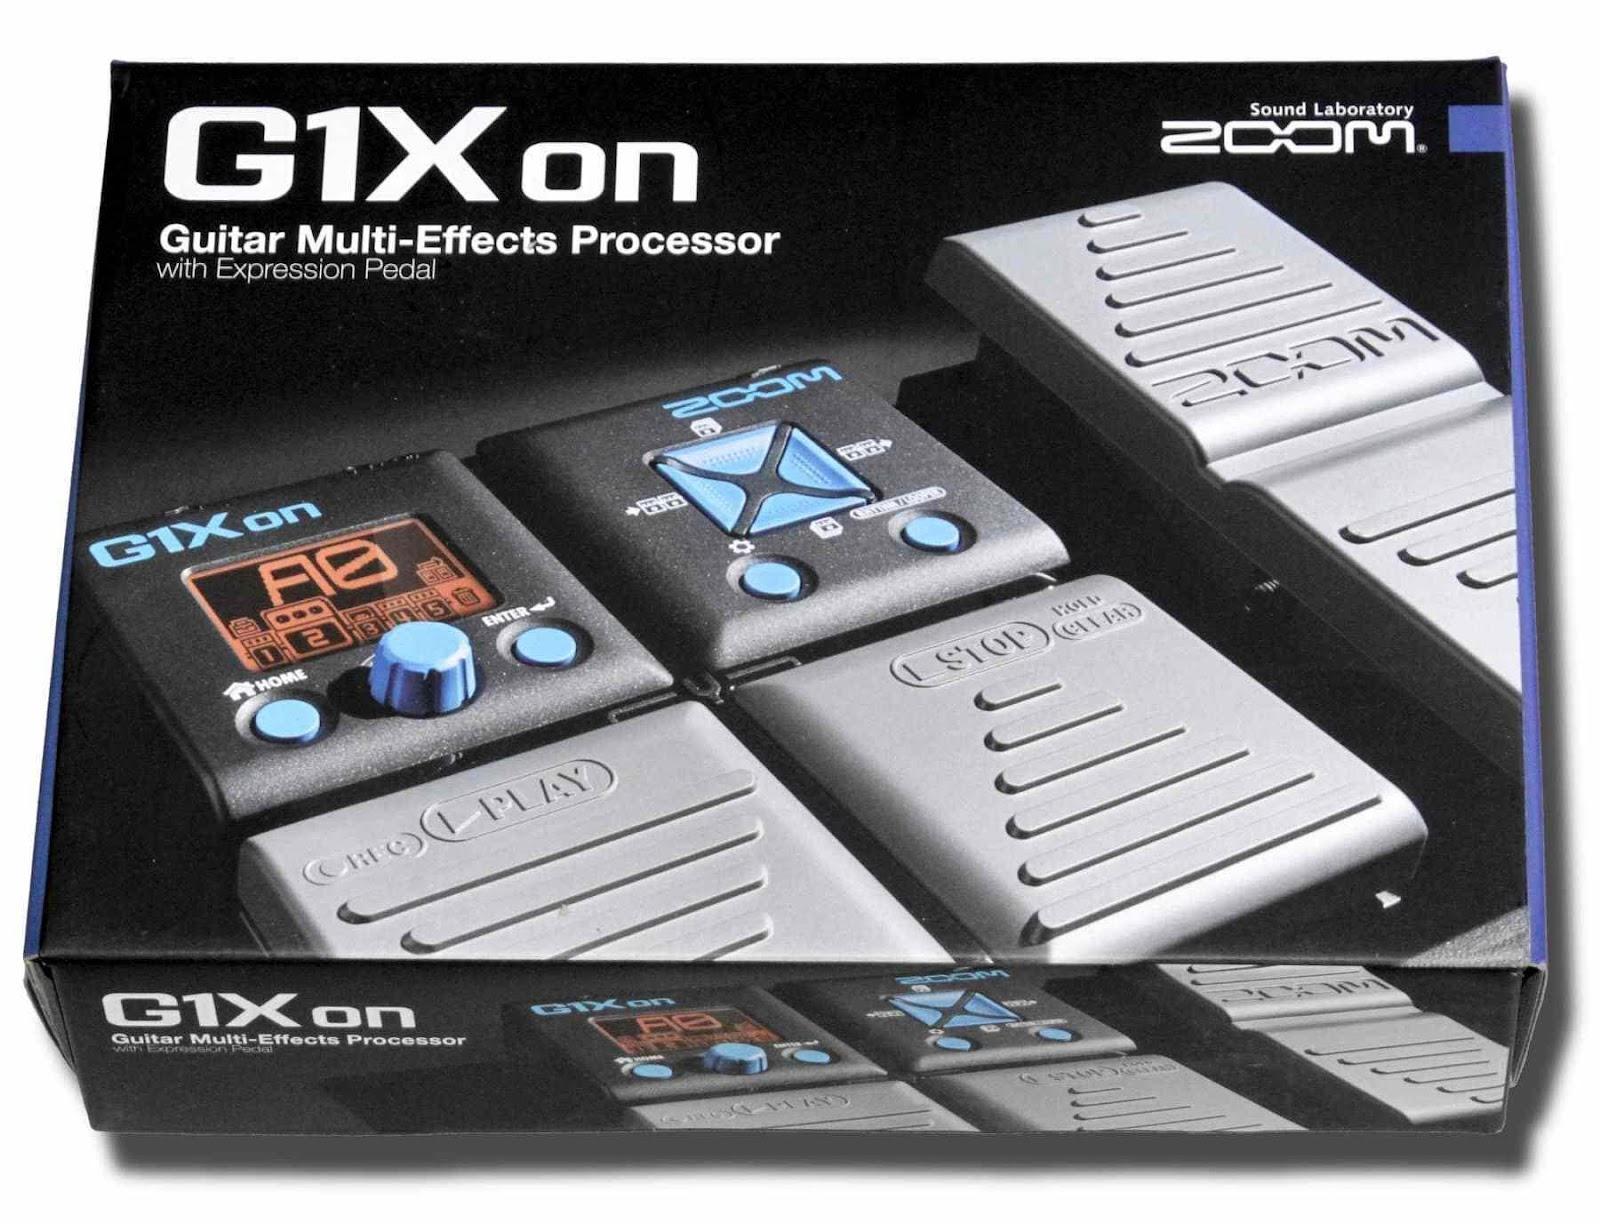 Kết quả hình ảnh cho g1xon